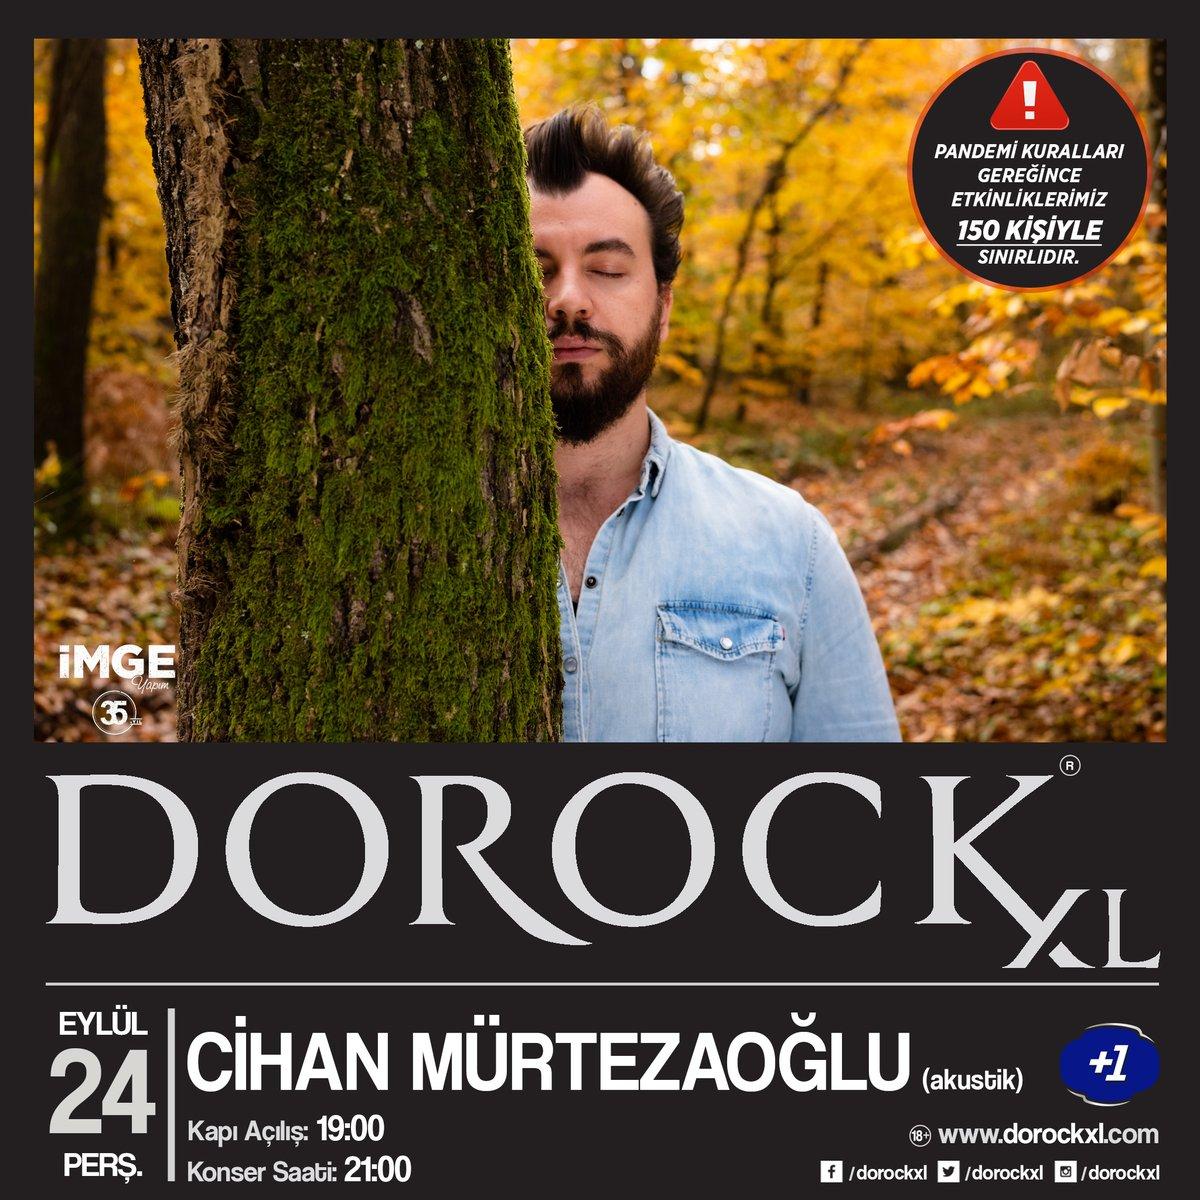 Cihan Mürtezaoğlu, akustik performansıyla 24 Eylül Perşembe saat 21:00'de Dorock XL'ta! Sınırlı sayıda biletler Biletix ve Dorock XL gişelerinde.   ⚠️ Pandemi kuralları gereğince etkinliklerimiz 150 kişiyle sınırlıdır.    #DorockXL #DorockXLKadıköy #CihanMürtezaoğlu #artıbir https://t.co/6JlIZbUvXW